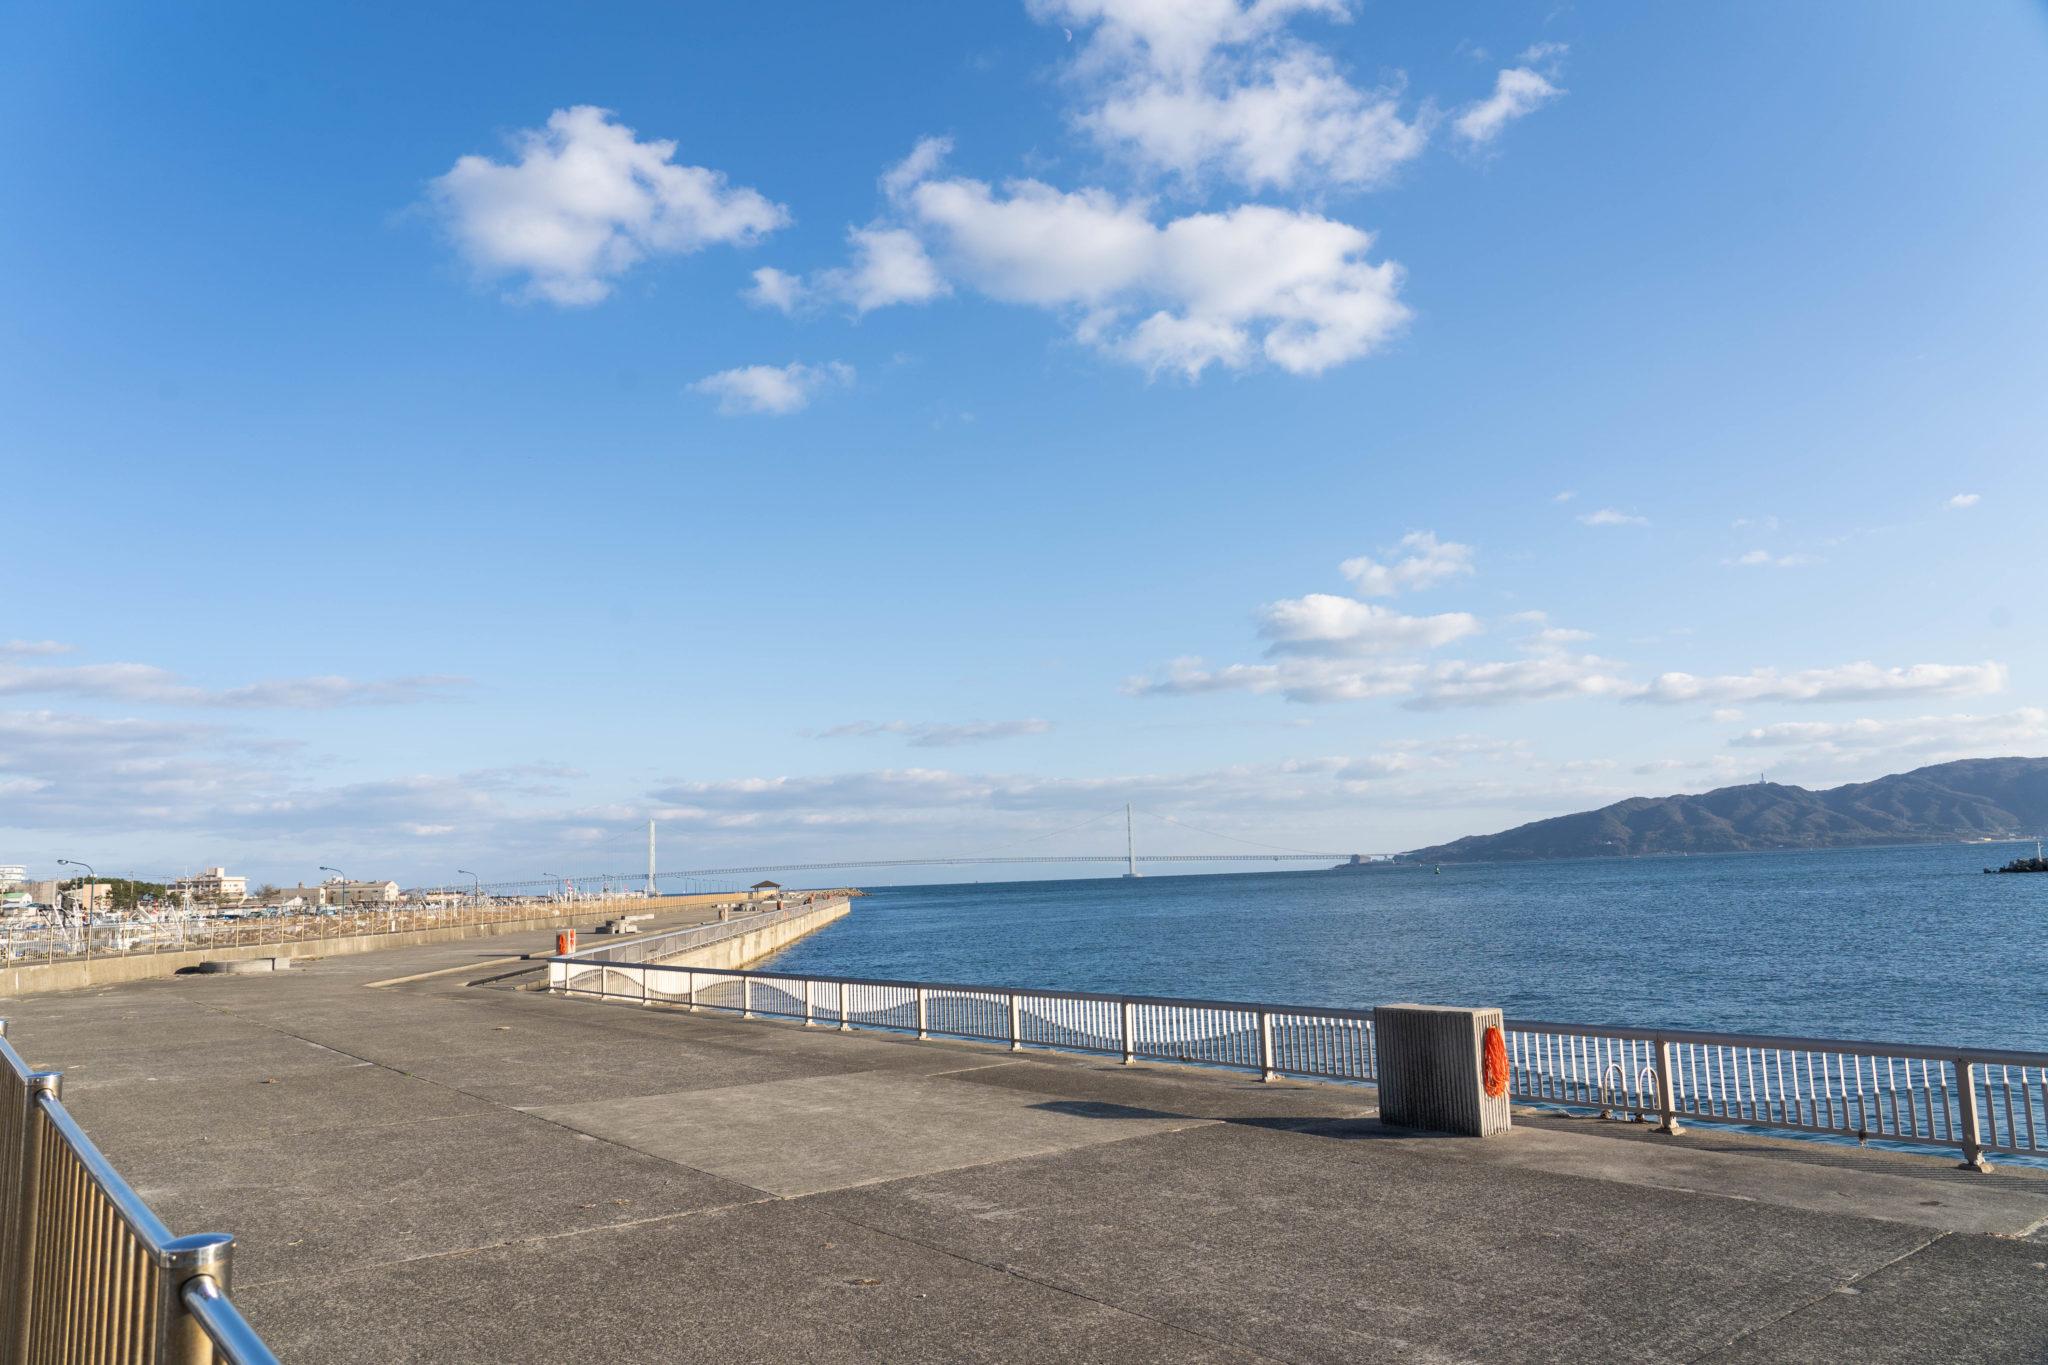 【台風後調査】林崎漁港の釣りポイント・アクセス方法・釣れる魚種まとめ